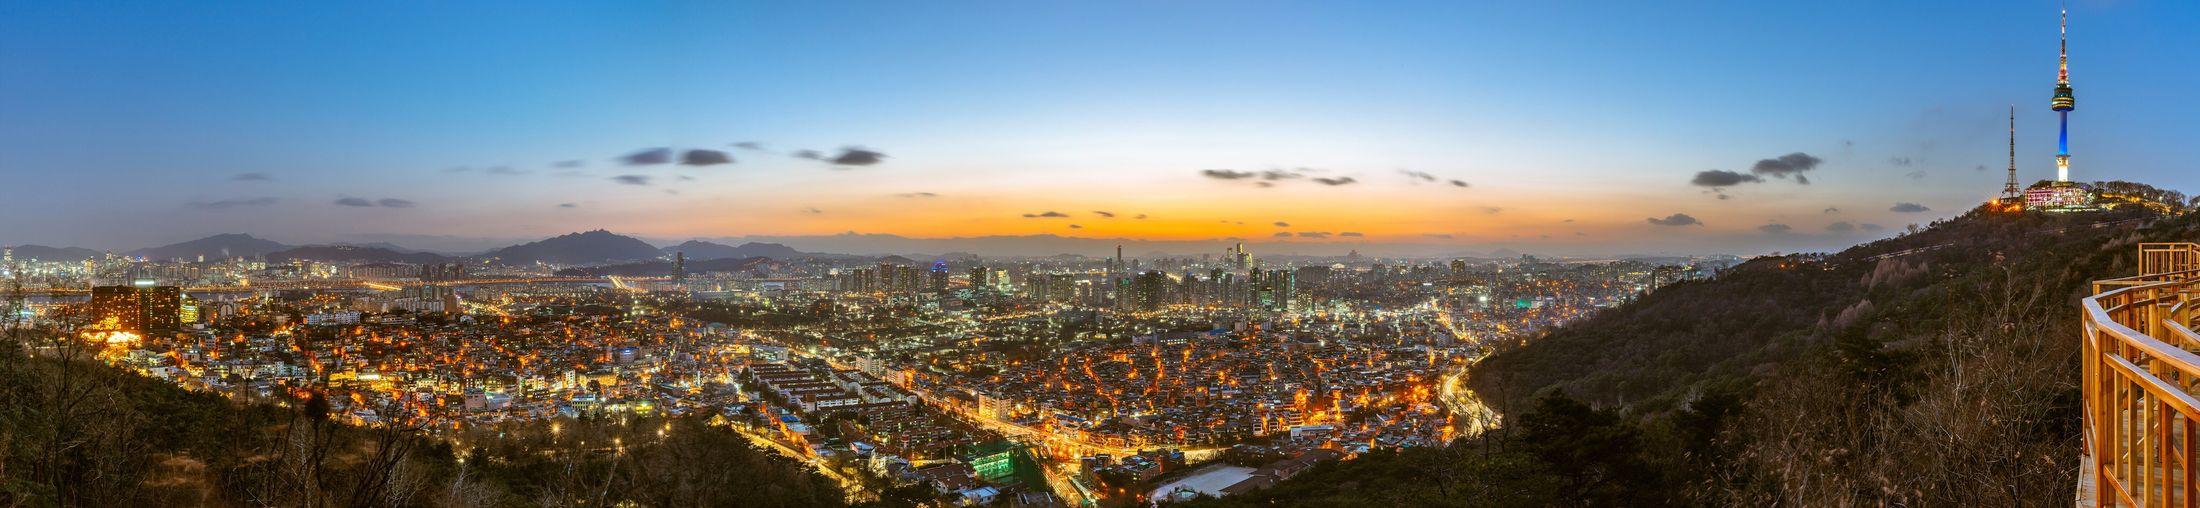 남산에서 바라본 서울 야경 Seoul City Night Landscape Night View Nightscape with Sony A7R and Canon EF16-35mmF4LIS USM